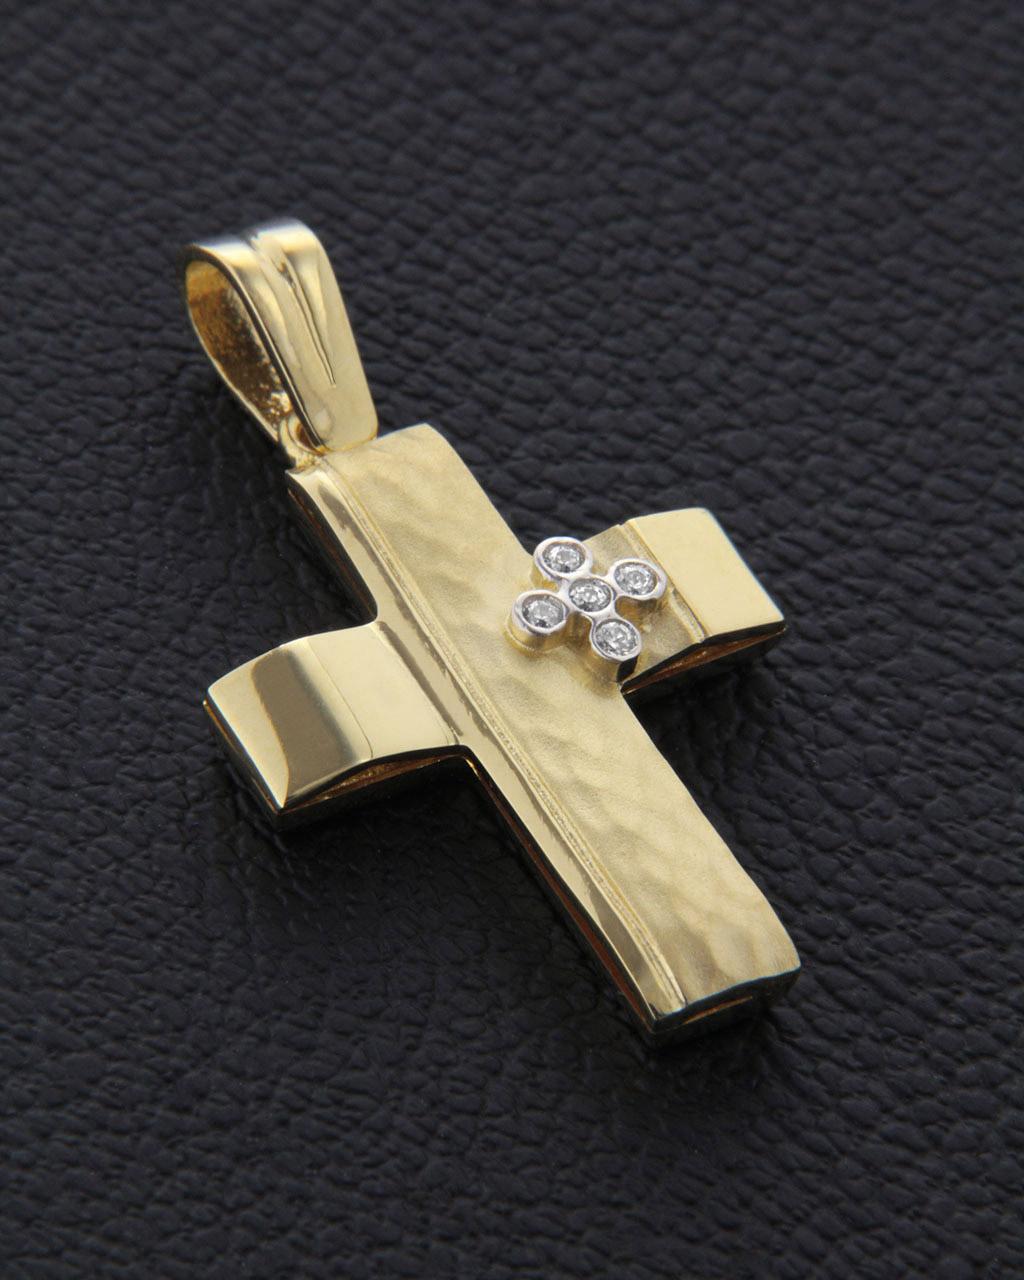 Σταυρός βαπτιστικός χρυσός Κ14   γυναικα σταυροί σταυροί λευκόχρυσοι